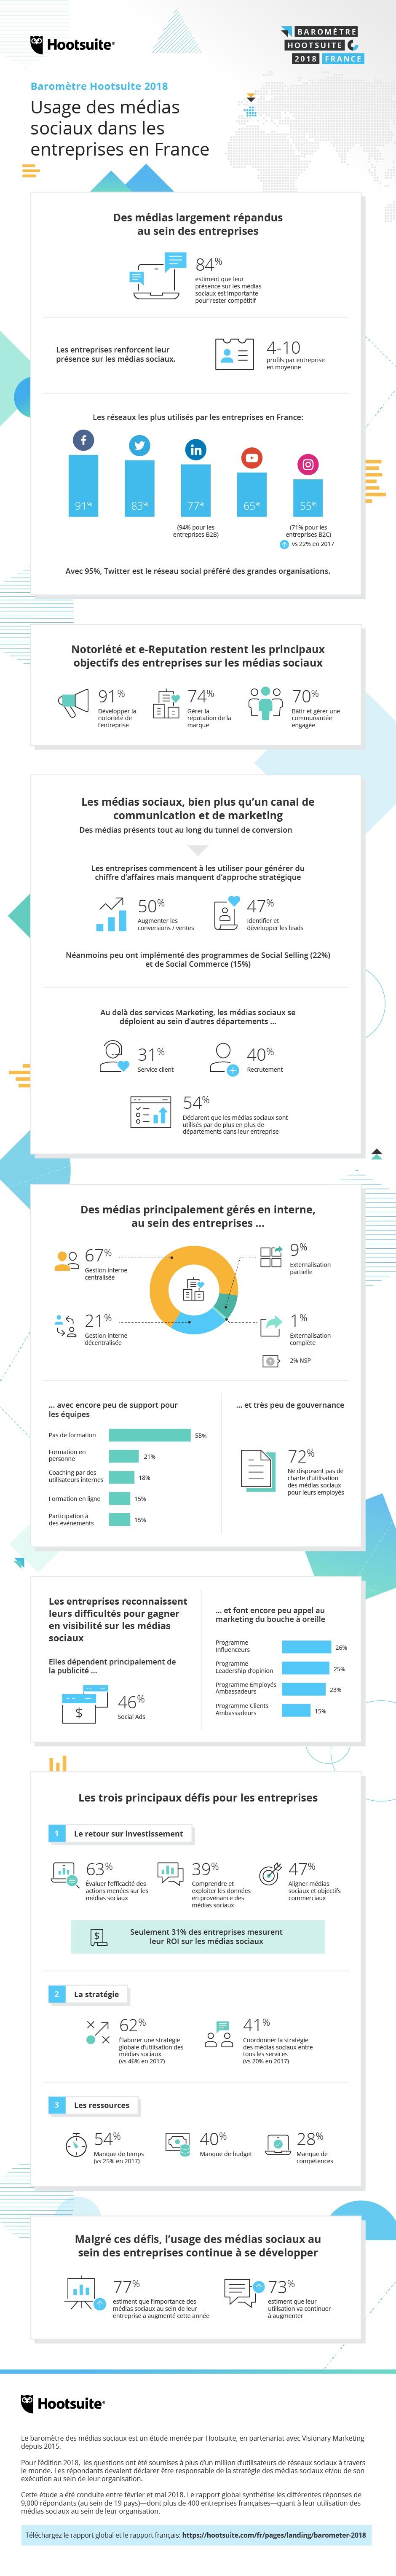 Baromètre Hootsuite 2018 les acteurs RH ont un grand rôle à jouer sur les réseaux sociaux ! Découvrez l'infographie.